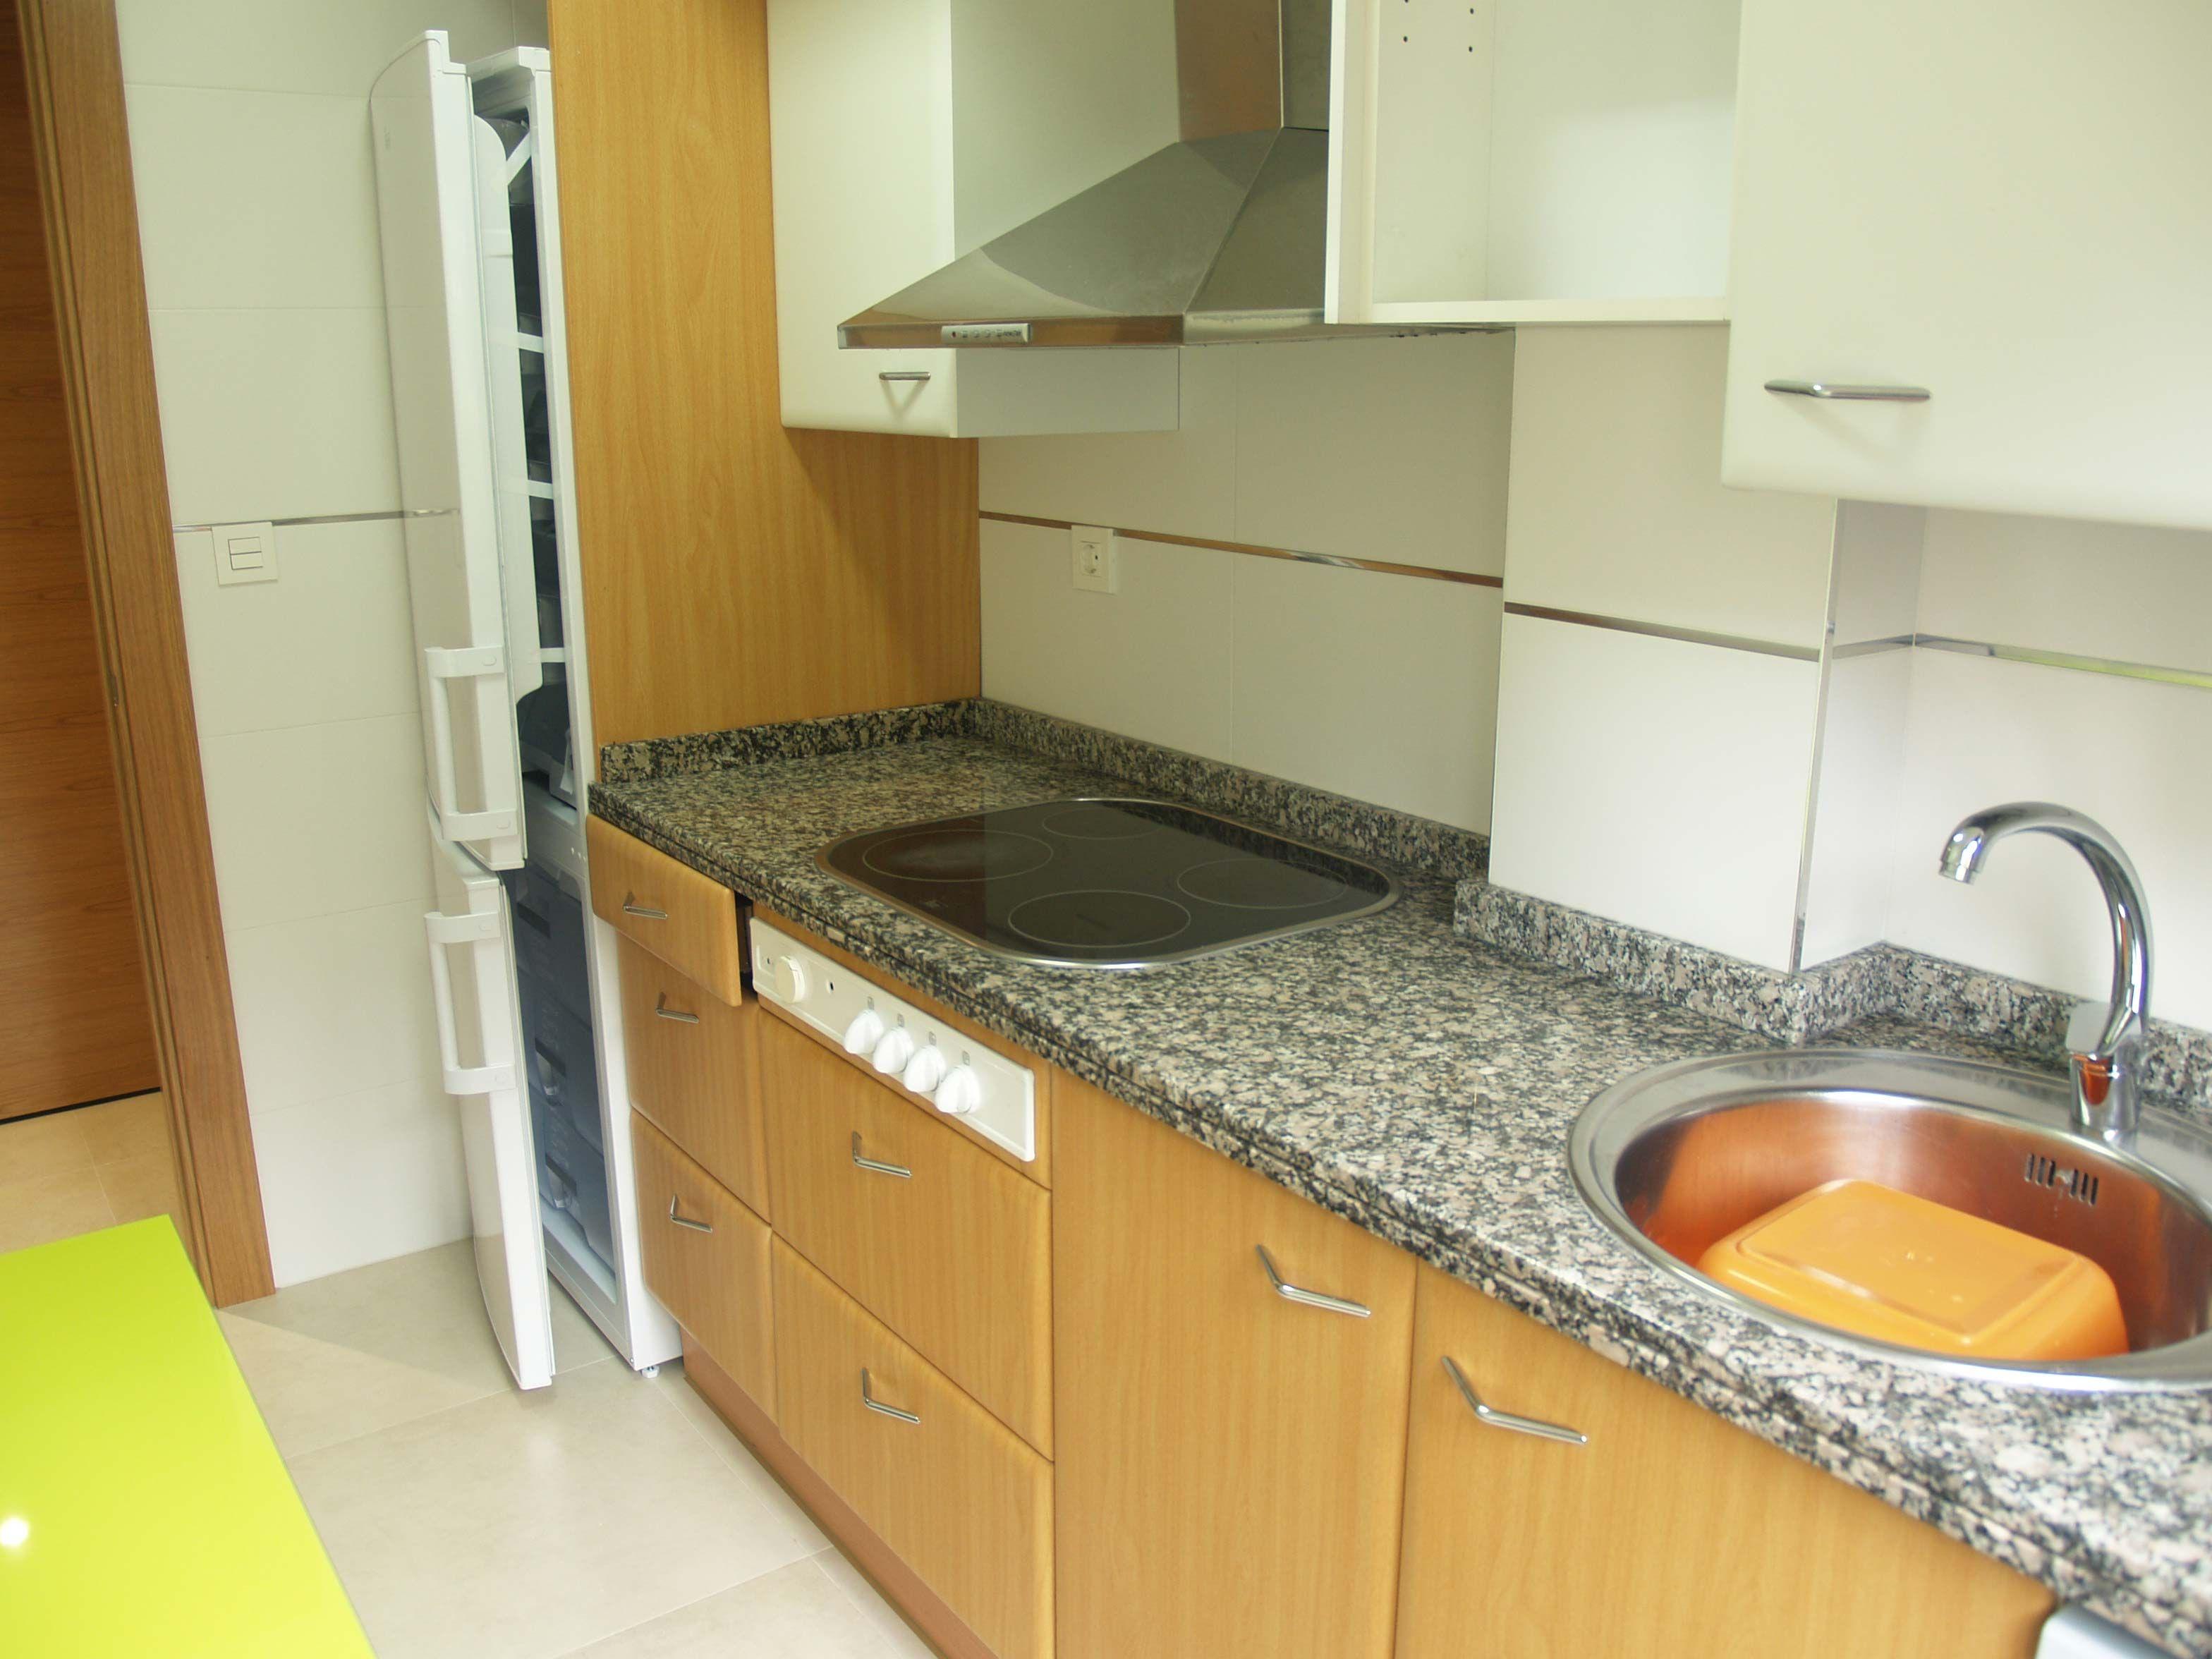 La cocina con encimera y frente de granito se encuentra - Lavavajillas de encimera ...